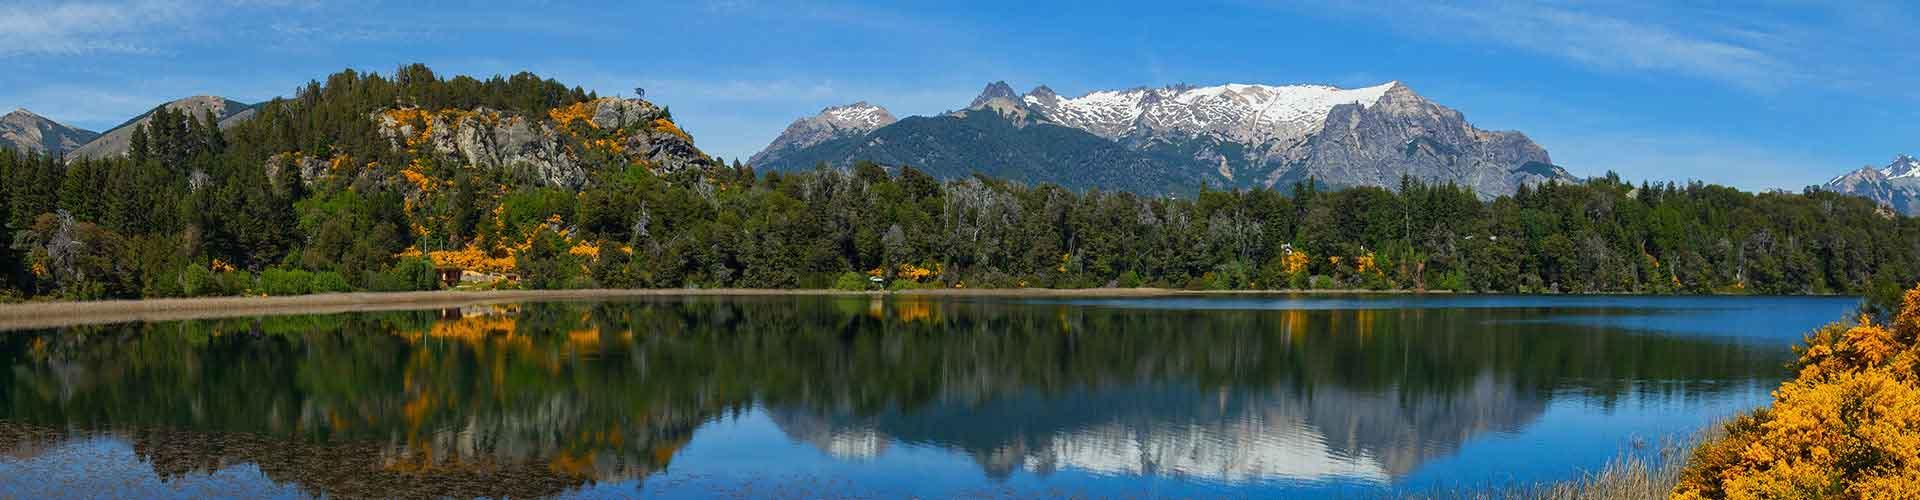 Bariloche - Alberghi a Bariloche. Mappe per Bariloche, Foto e  Recensioni per ogni Albergo a Bariloche.